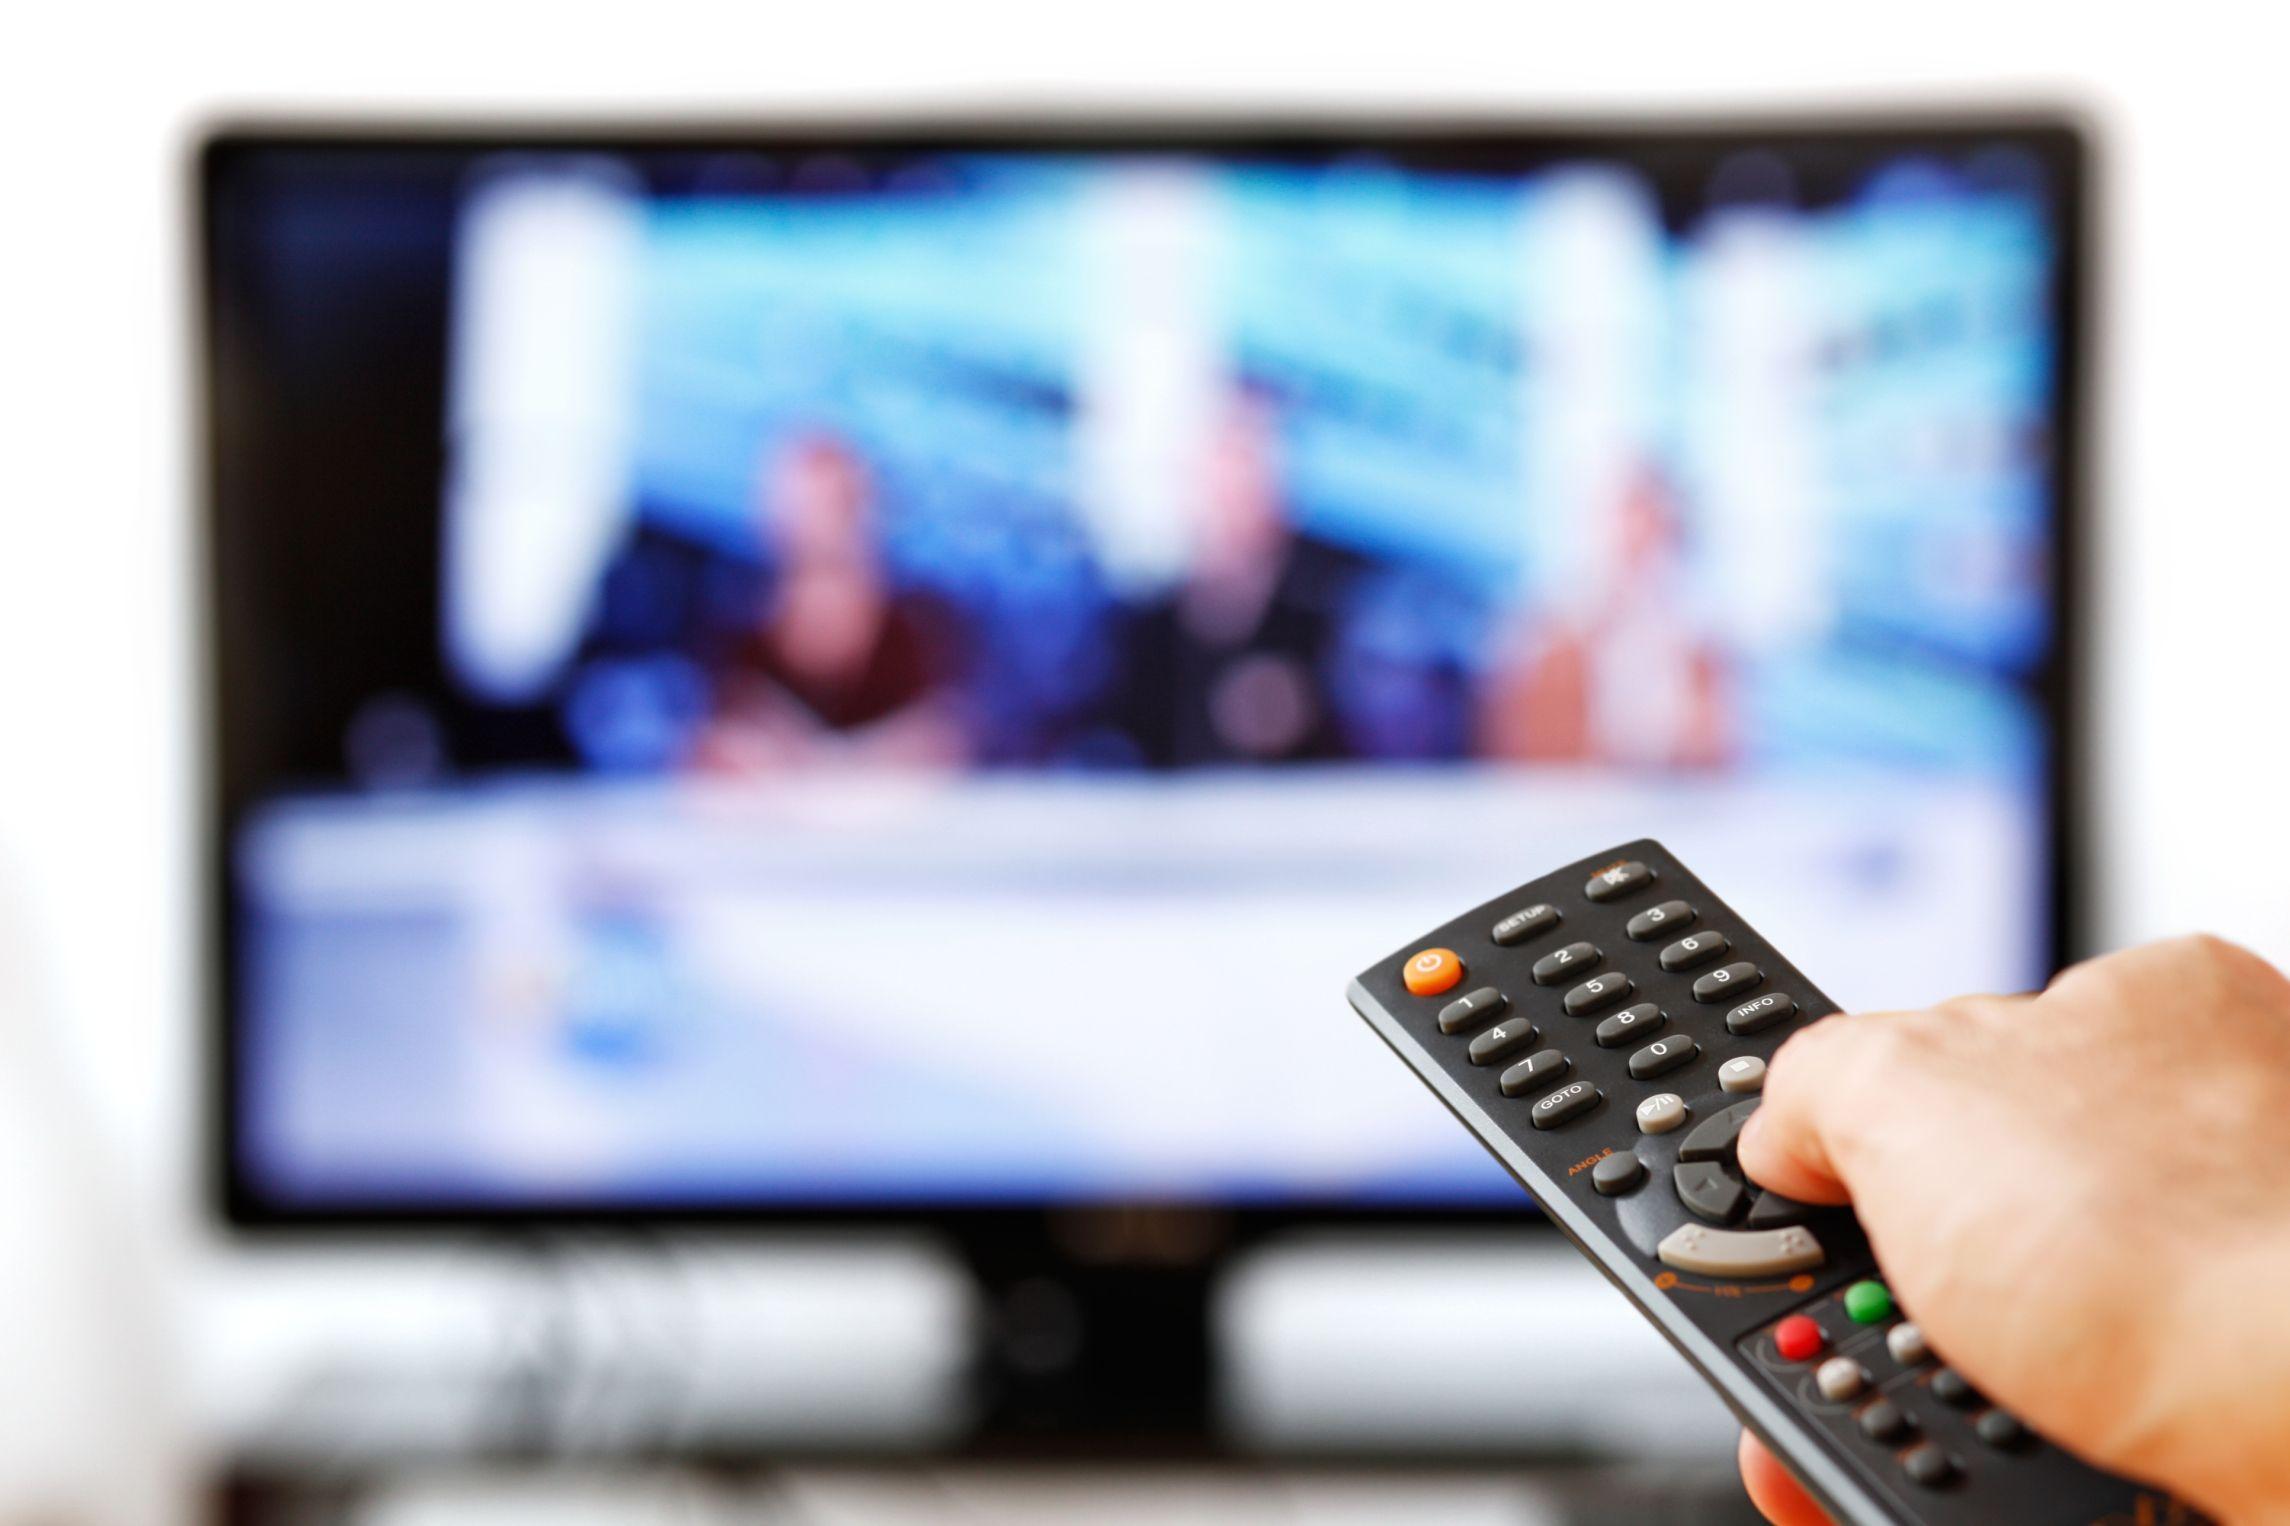 Нужна качественная реклама на ТВ (Украина)? Обращайтесь в «A&P»